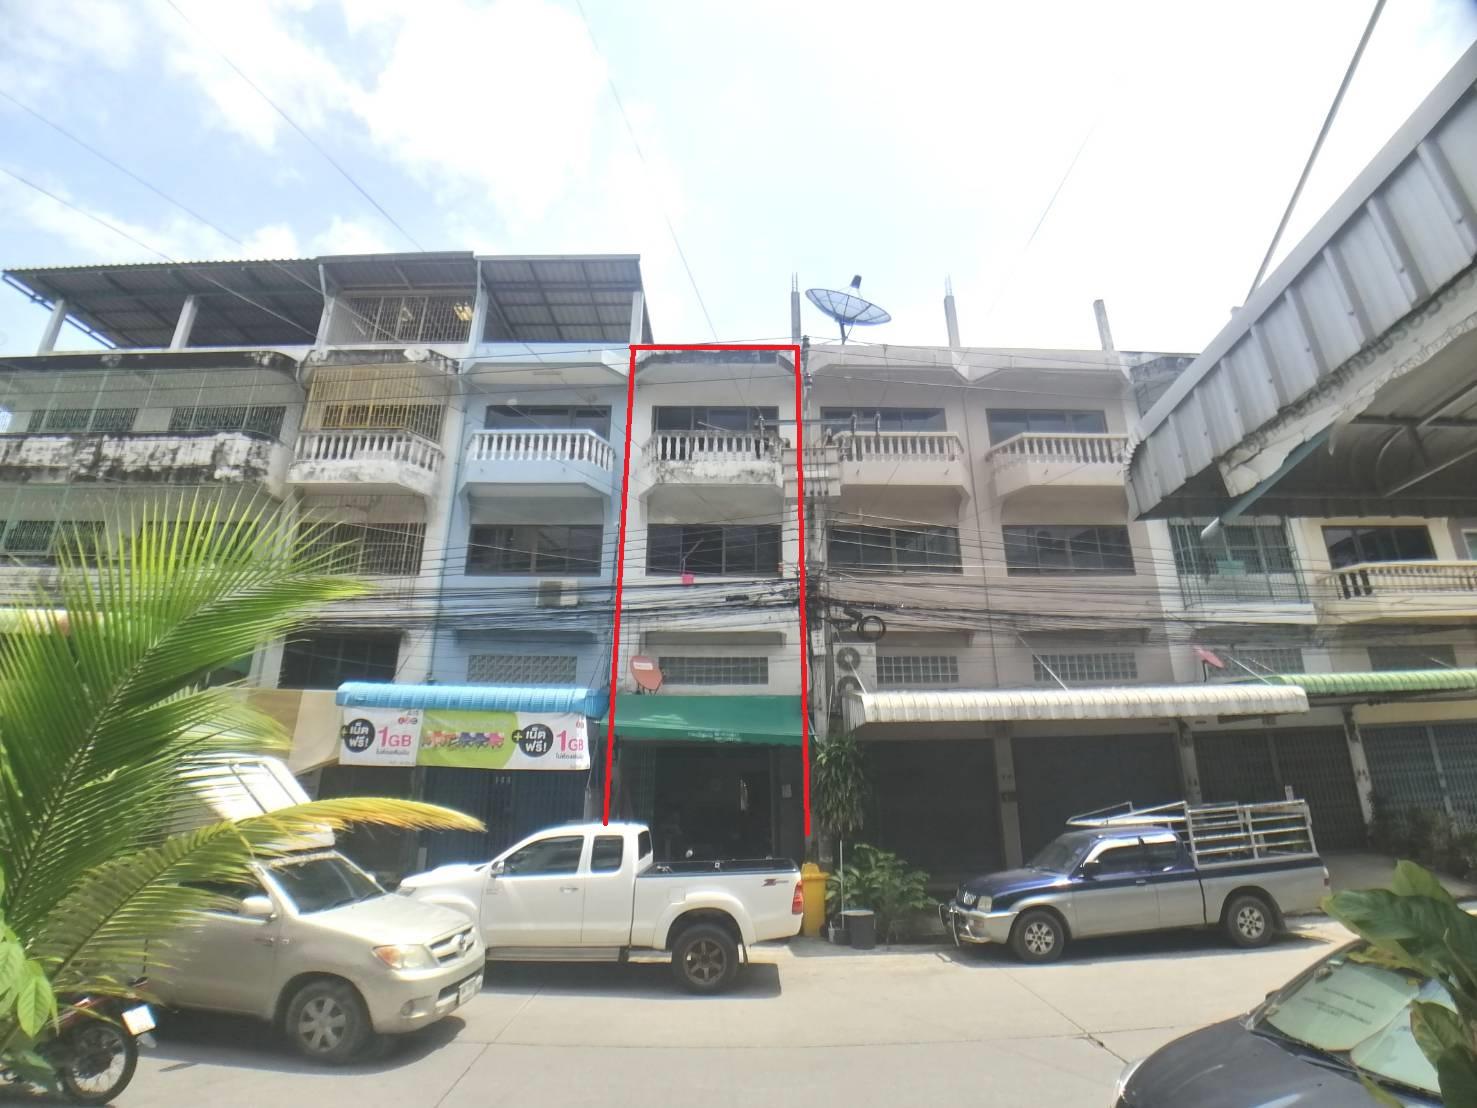 ขายอาคารพาณิชย์ พระราม 2 ซอย สะแกงาม 35/2 มั่งมีศรีสุข ใกล้ทางด่วน และโลตัส